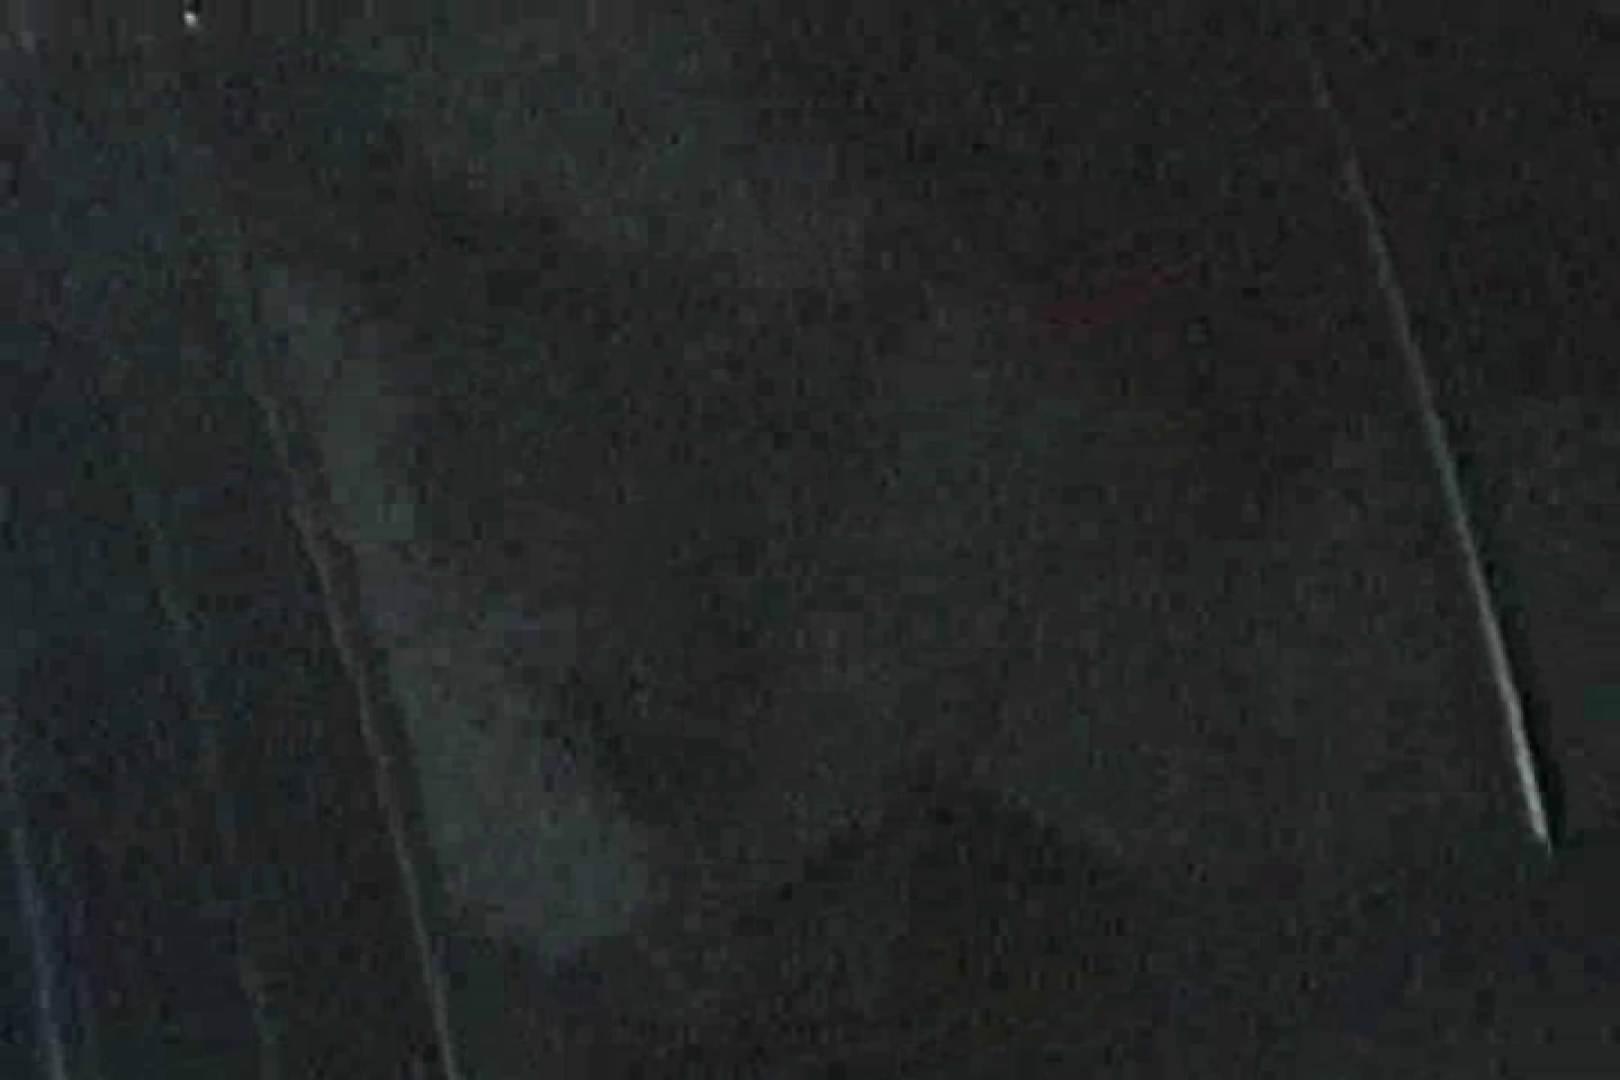 充血監督の深夜の運動会Vol.8 美しいOLの裸体  75pic 27